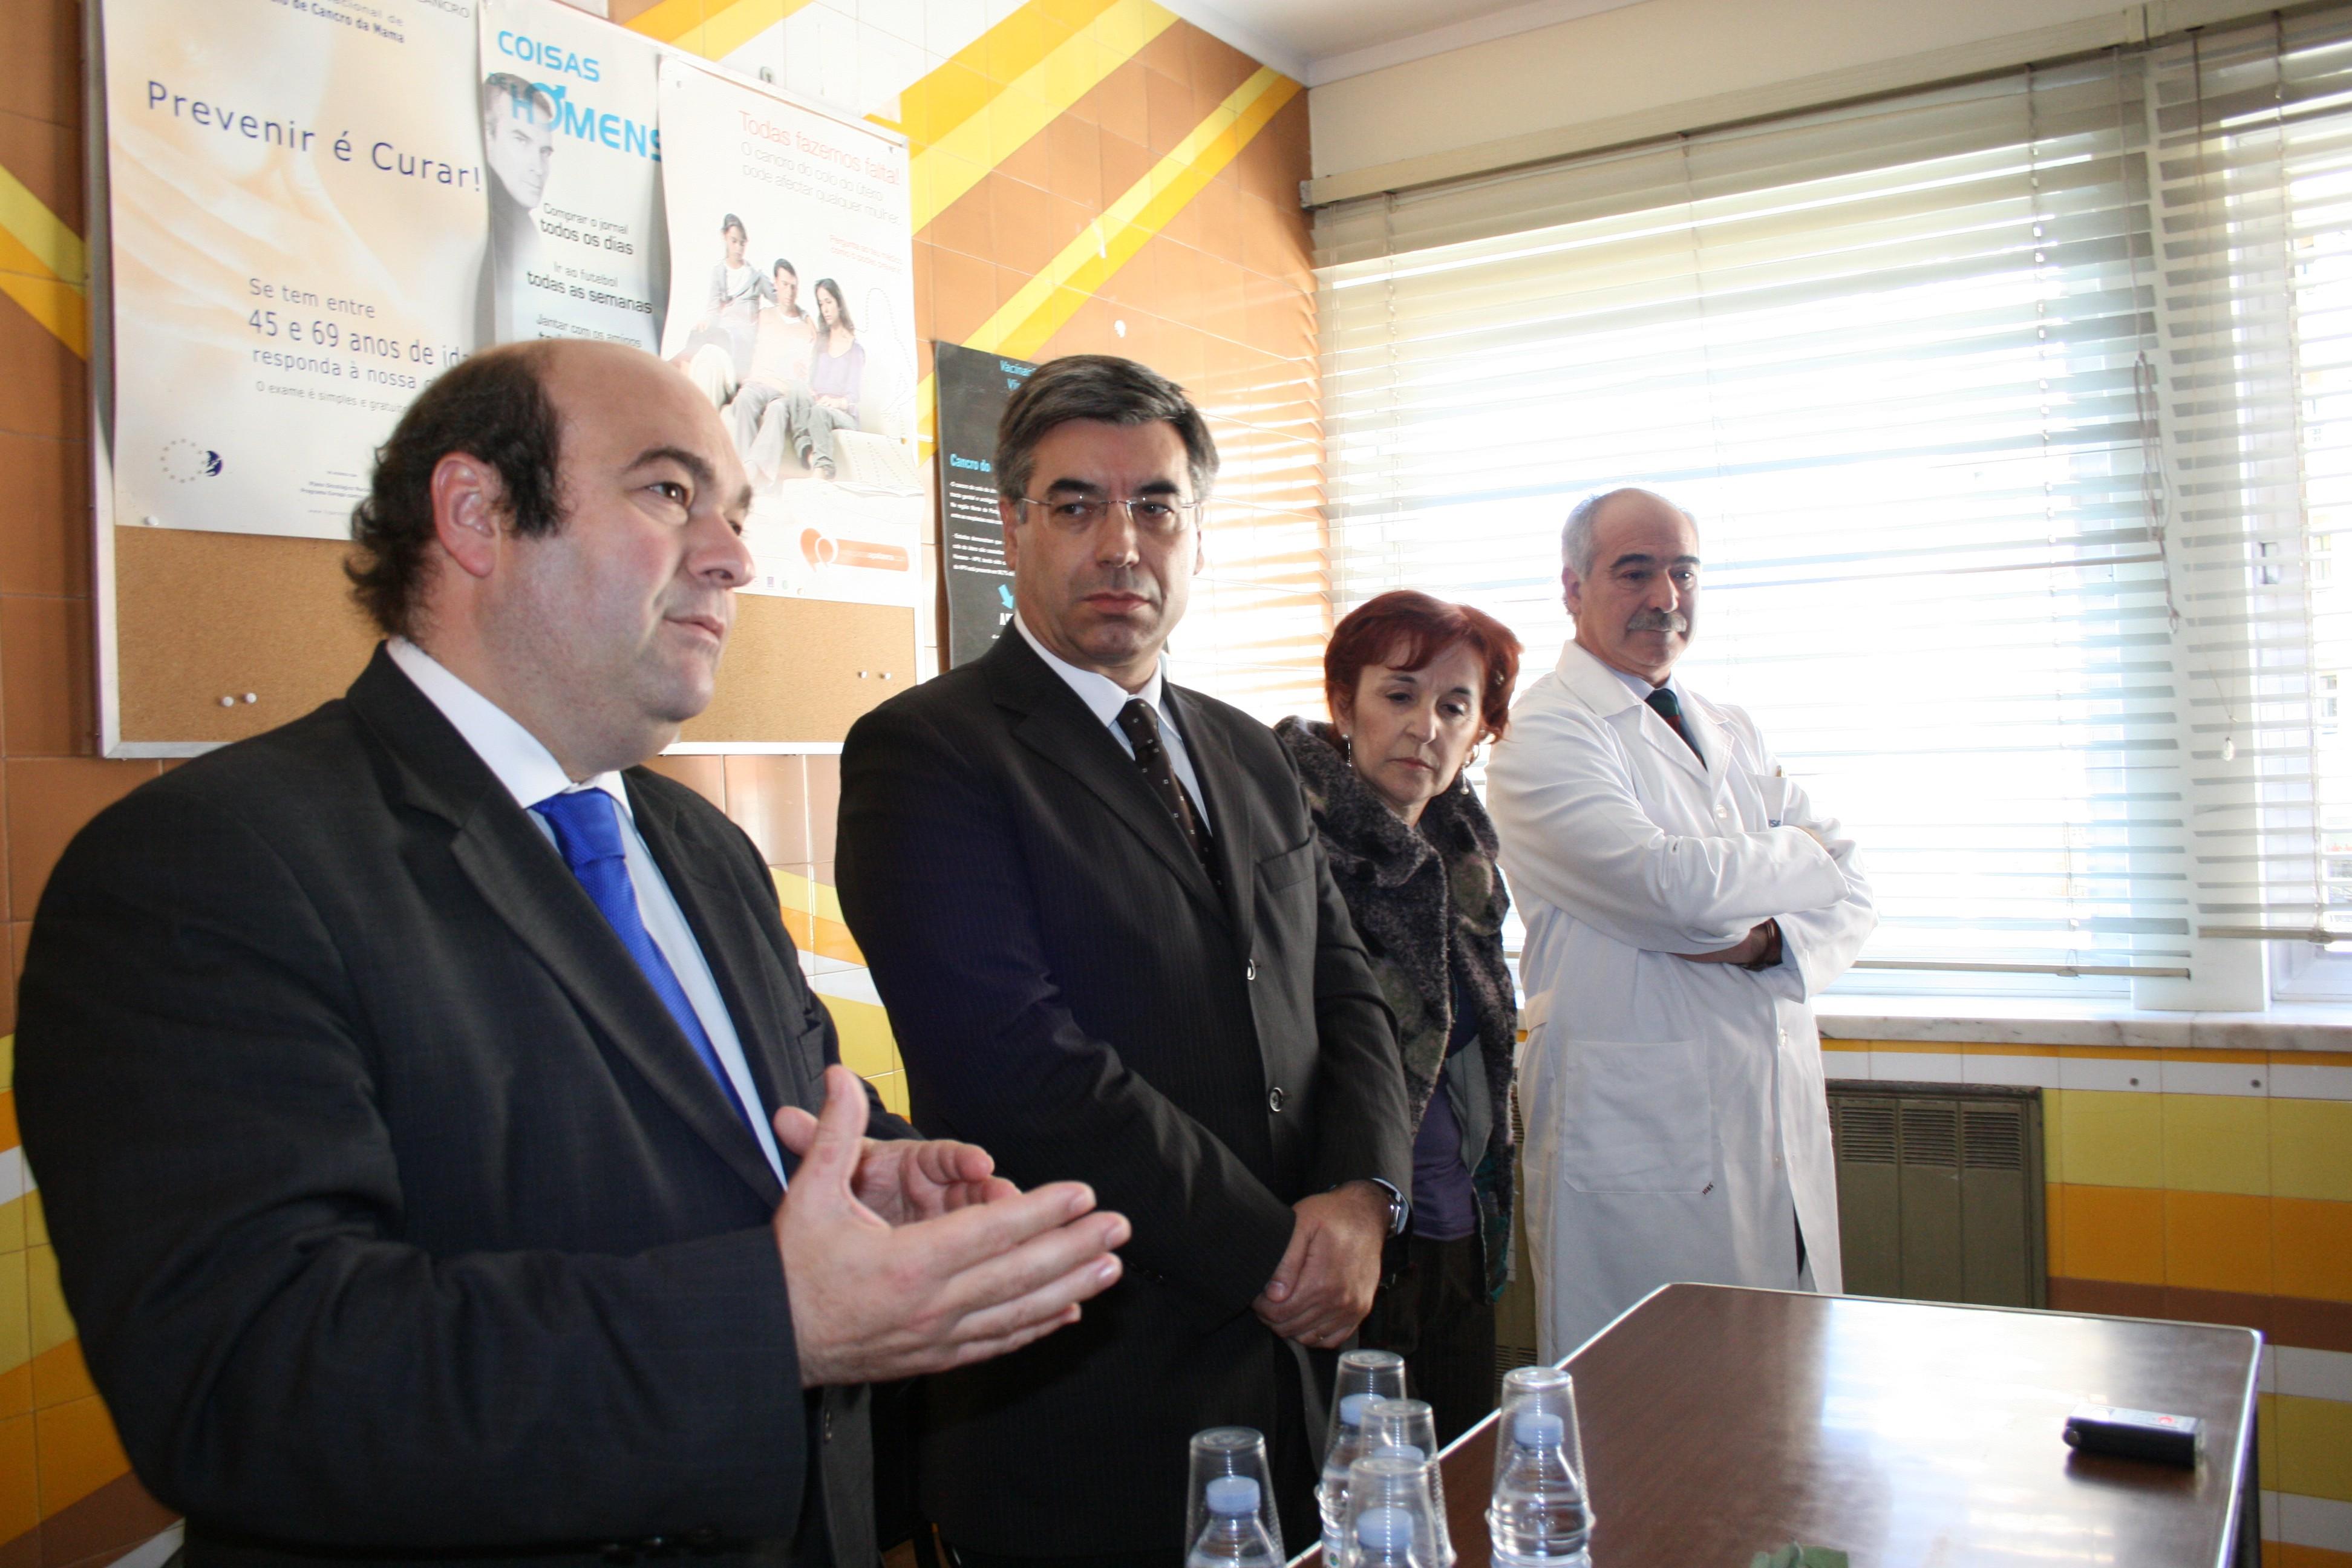 Hermínio Loureiro, presidente da autarquia, falando na inauguração da primeira Unidade de Saúde Familiar do concelho